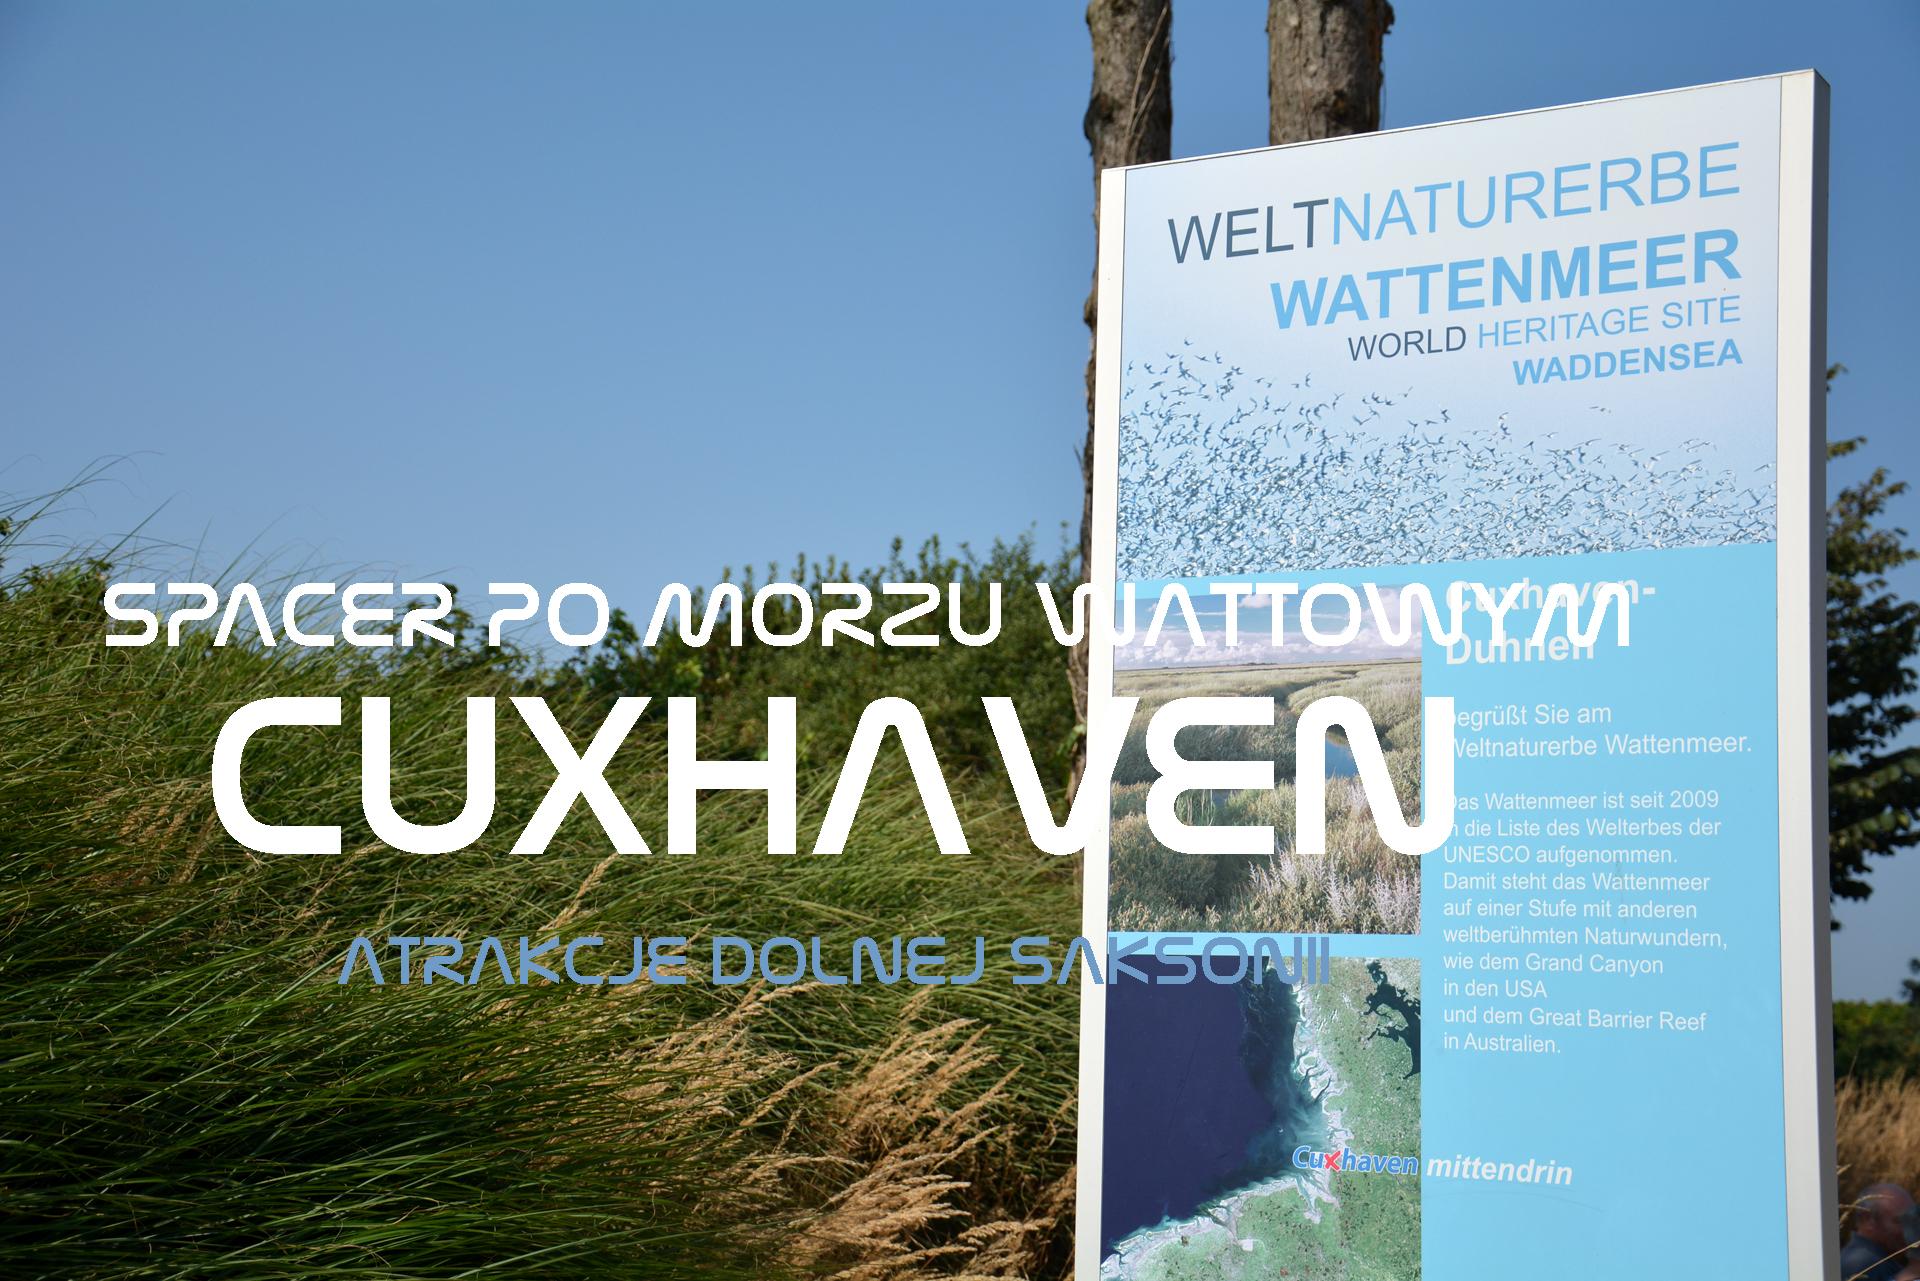 Spacer po Morzu Wattowym – Cuxhaven